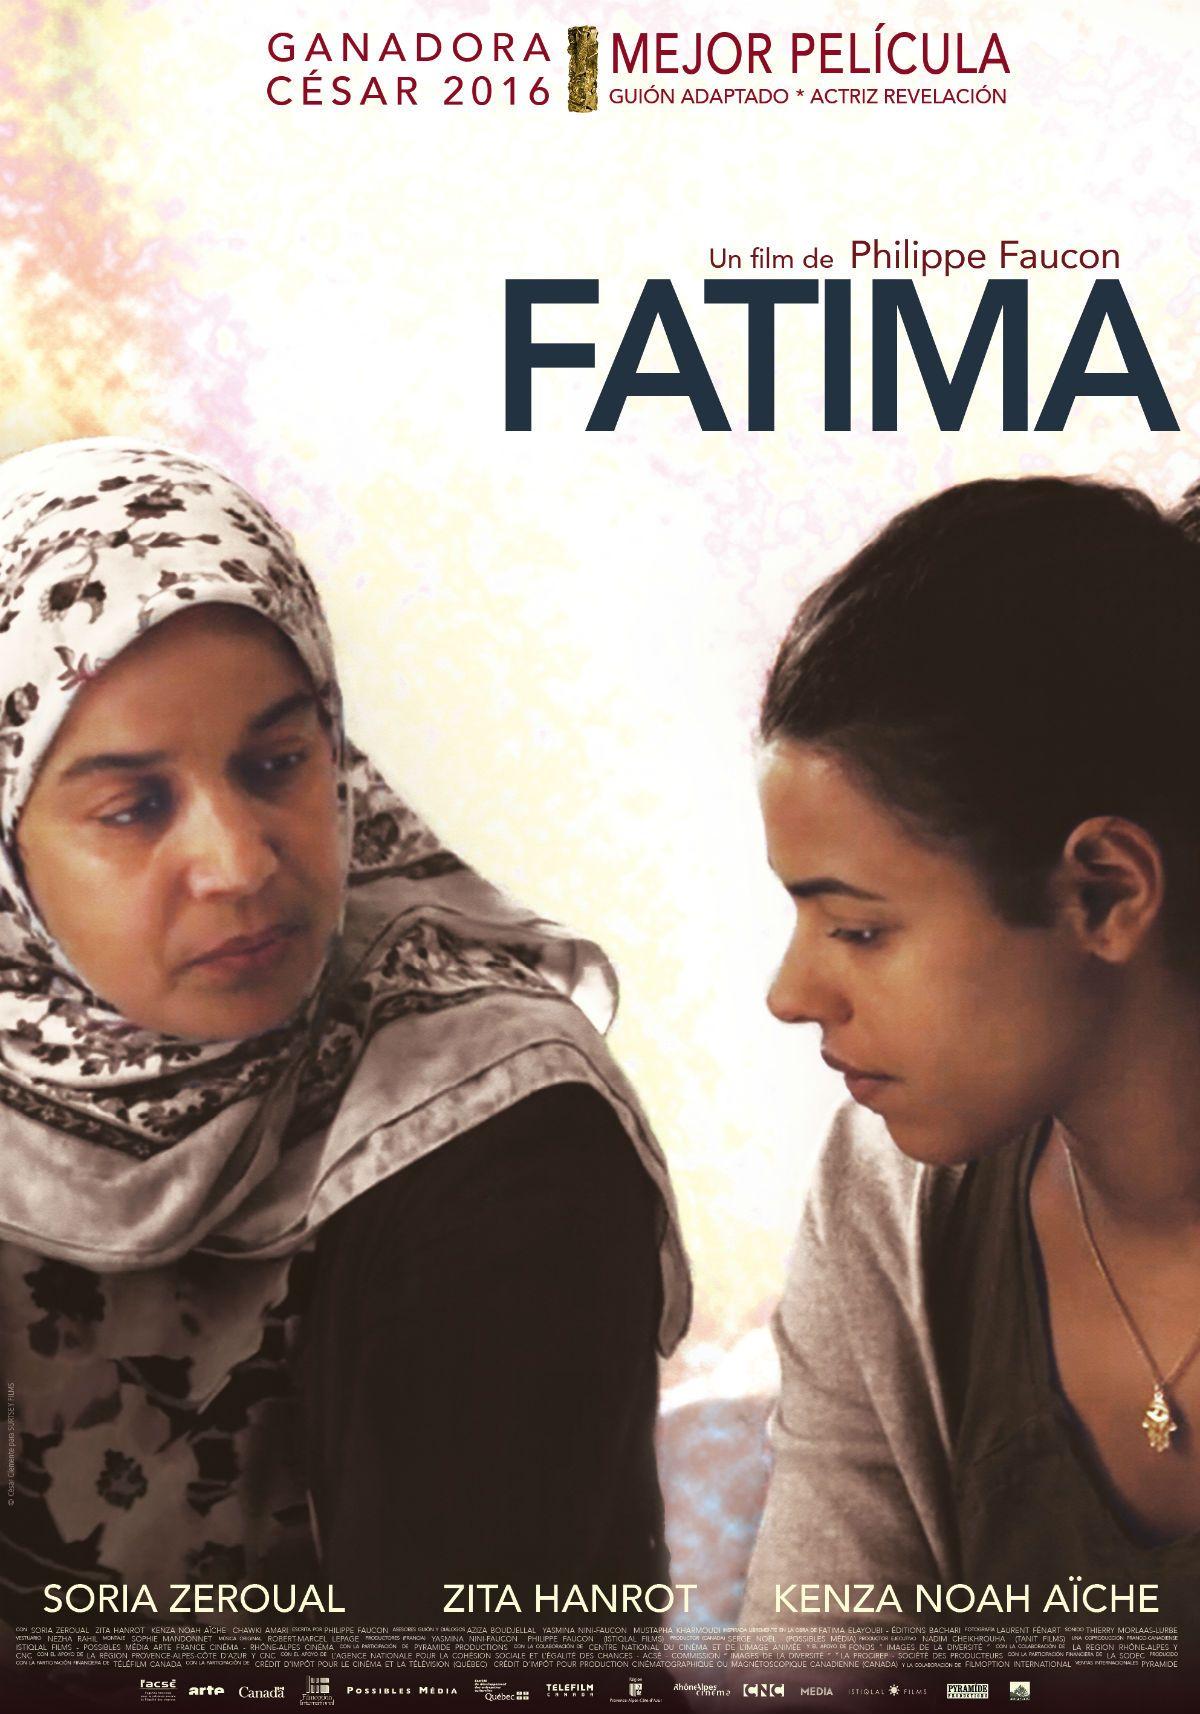 Fatima Es Una Musulmana Inmigrante De Origen Arabe Que Es Madre De Dos Hijas Souad Una Adolescente Rebelde De 15 Anos Y Cine Peliculas Peliculas Completas